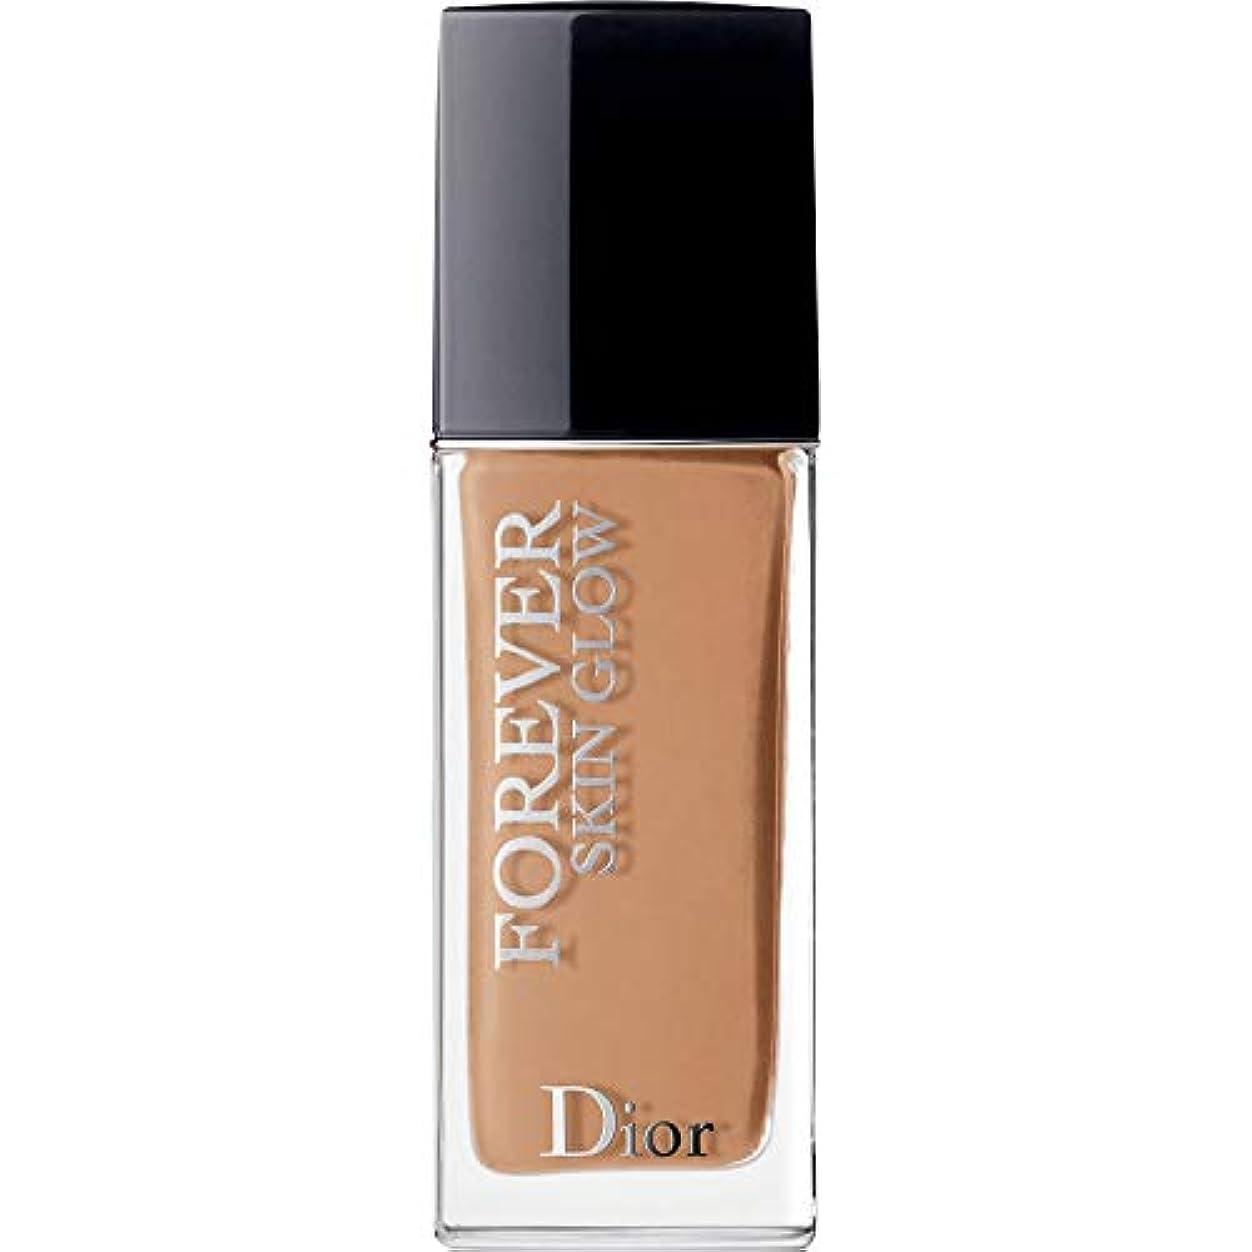 欲求不満彼らのもの限られた[Dior ] ディオール永遠肌の輝き肌思いやりの基礎Spf35 30ミリリットルの4.5ワット - 暖かい(肌の輝き) - DIOR Forever Skin Glow Skin-Caring Foundation SPF35...